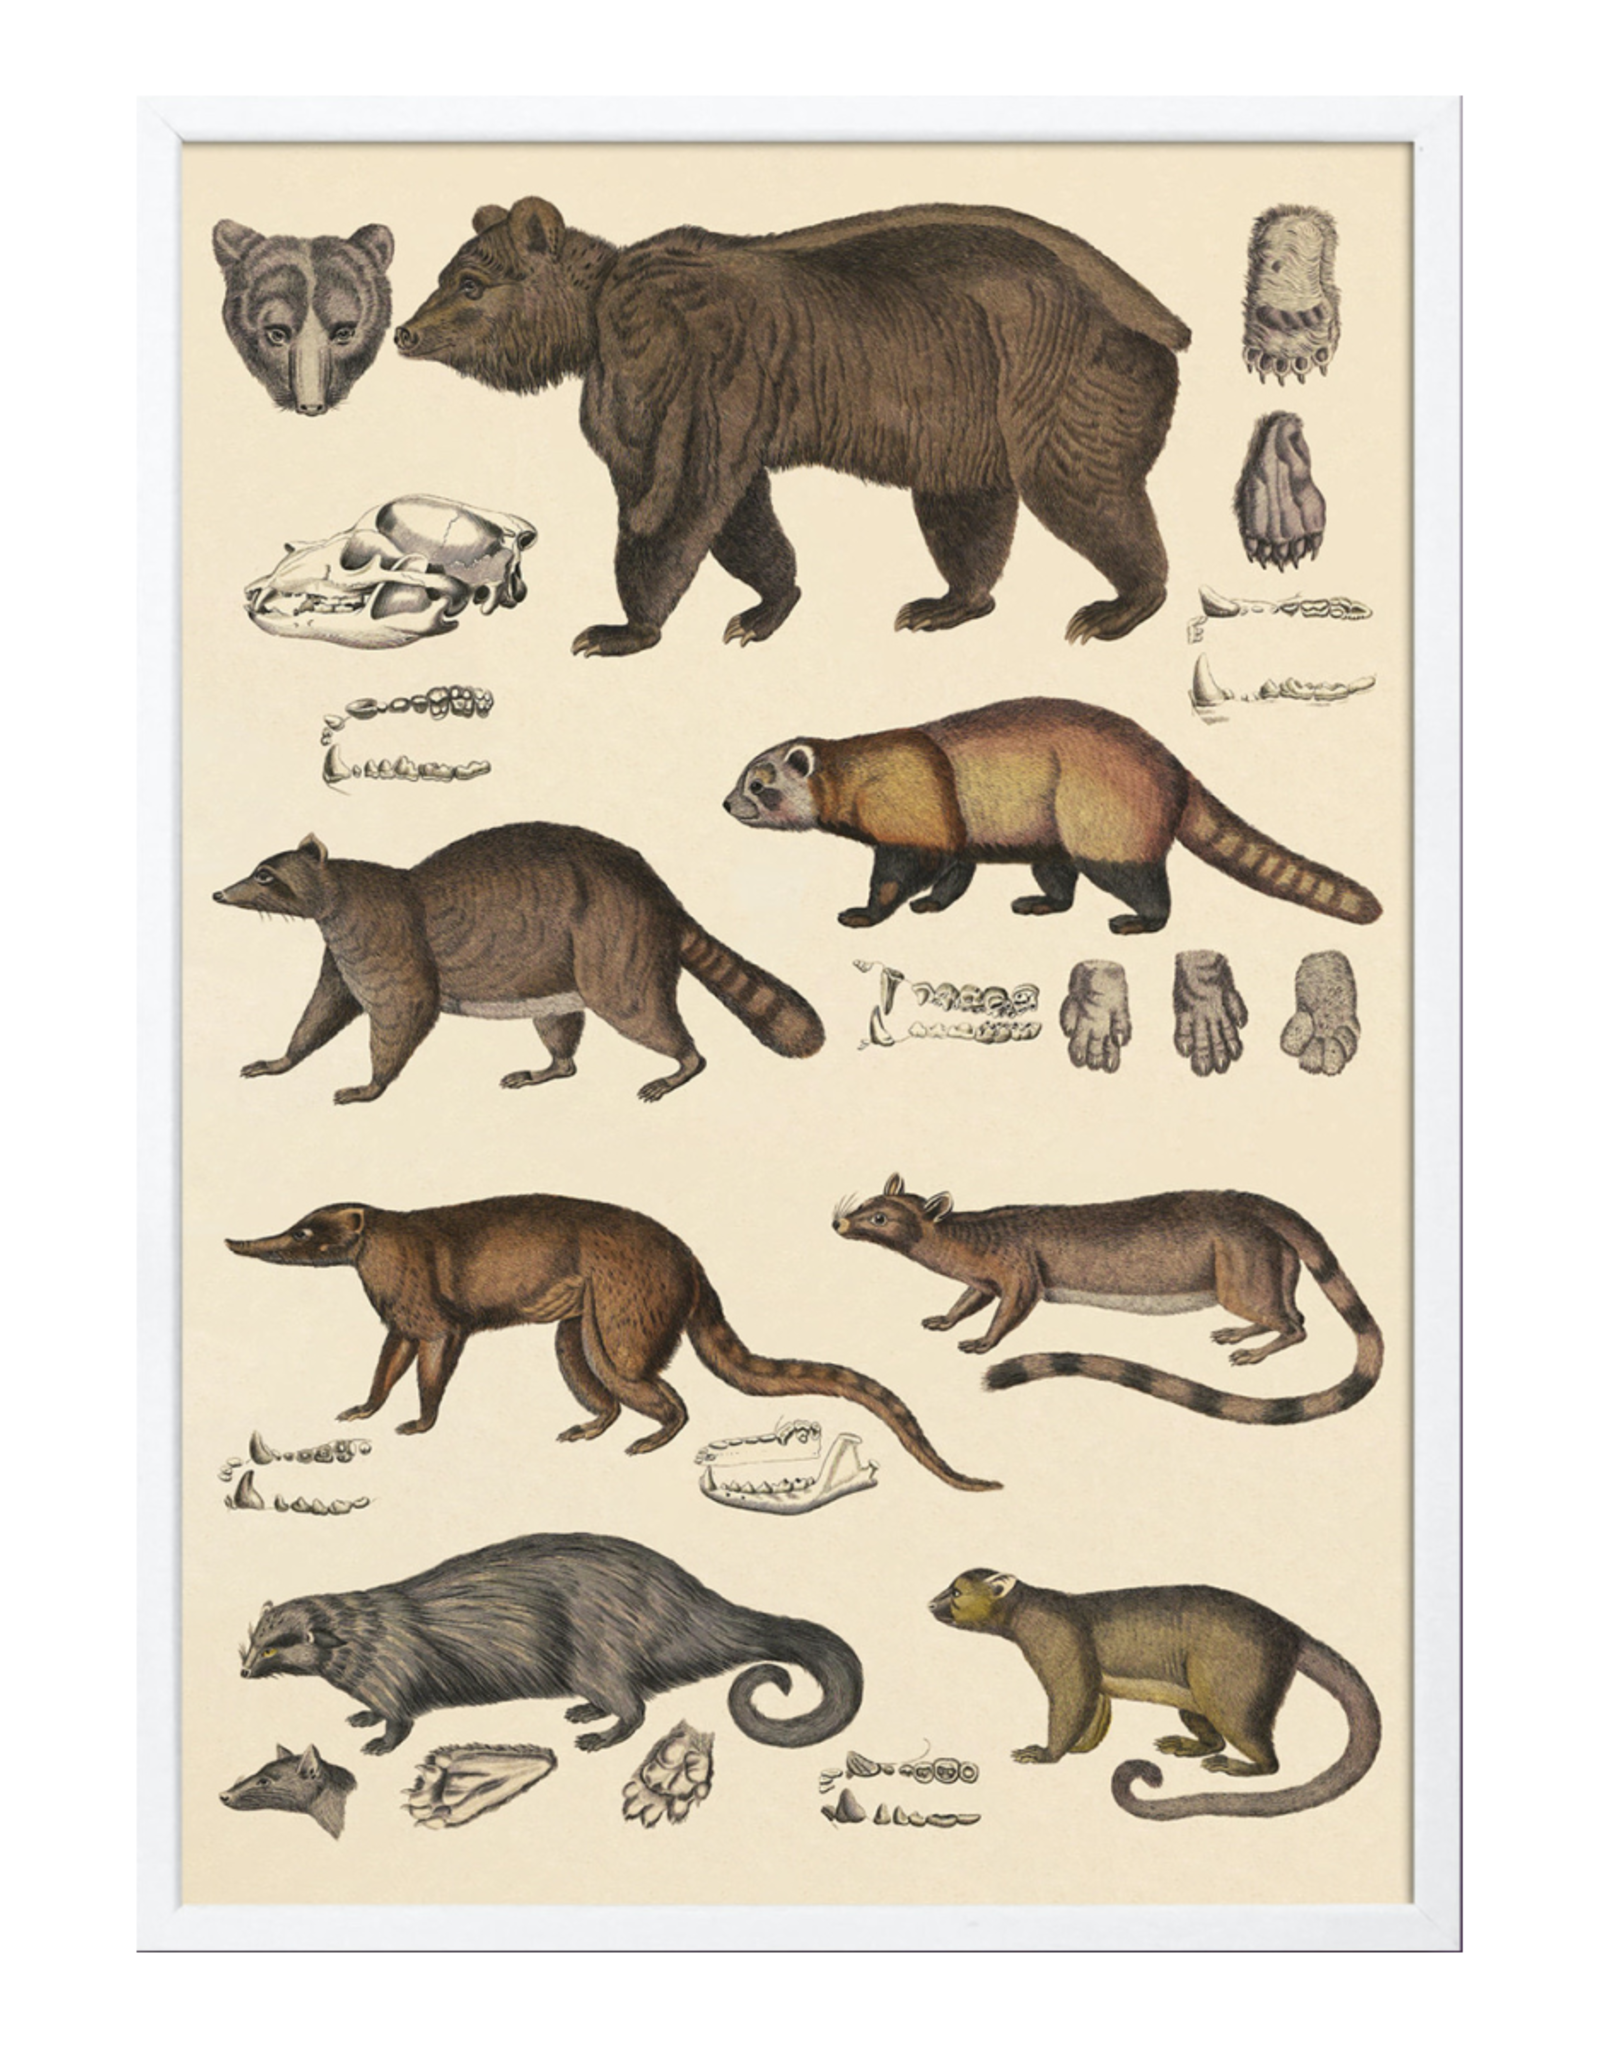 The Dybdahl & Co Animalia Bears